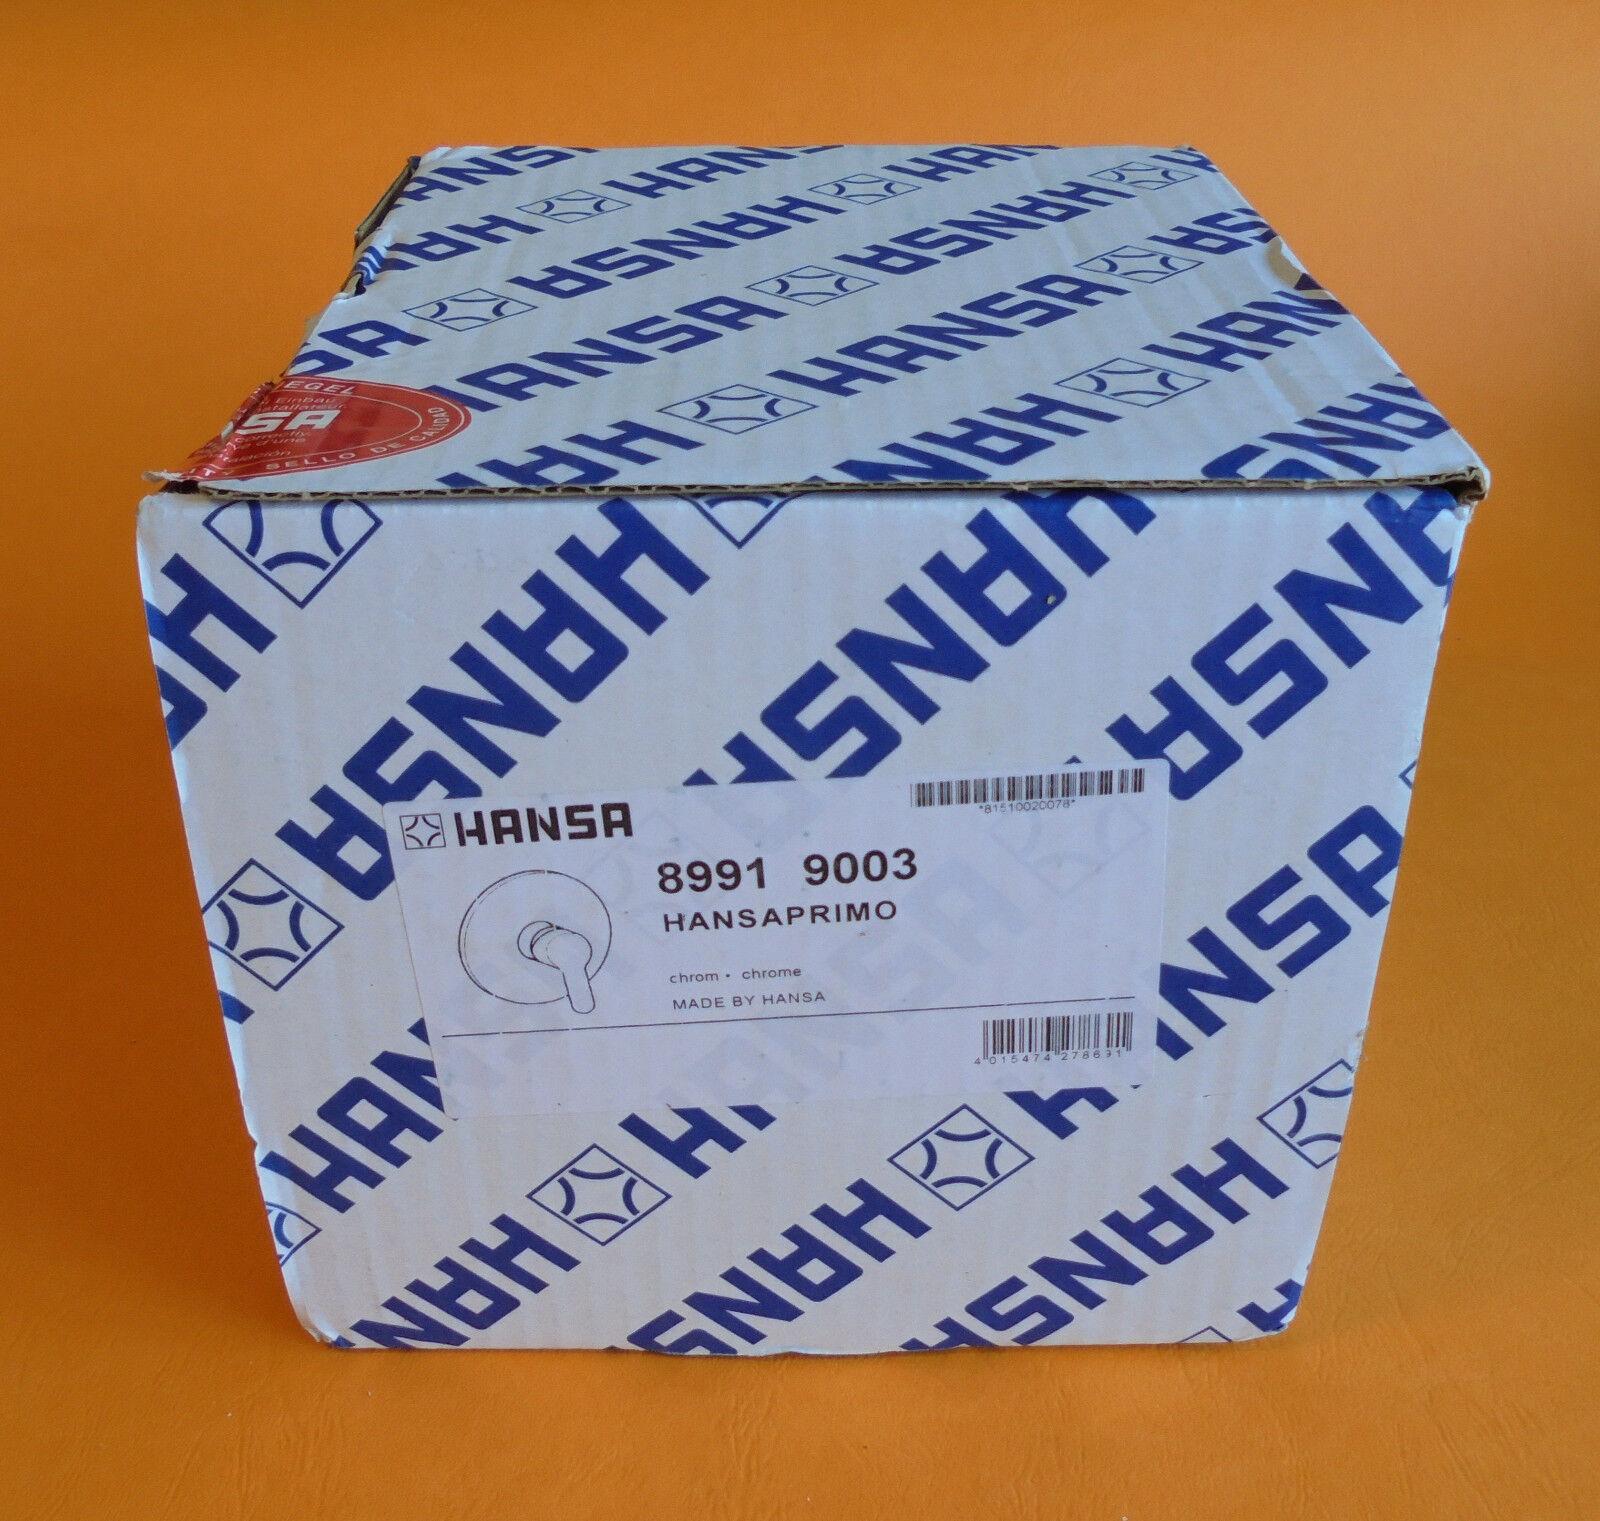 Hansaprimo Up. Fertigset Fertigset Fertigset Brause Dusche   8991-9003  HansaBlaubox Blaubox | In hohem Grade geschätzt und weit vertrautes herein und heraus  | Tragen-wider  | Verschiedene Stile und Stile  | Attraktives Aussehen  5cd0e2